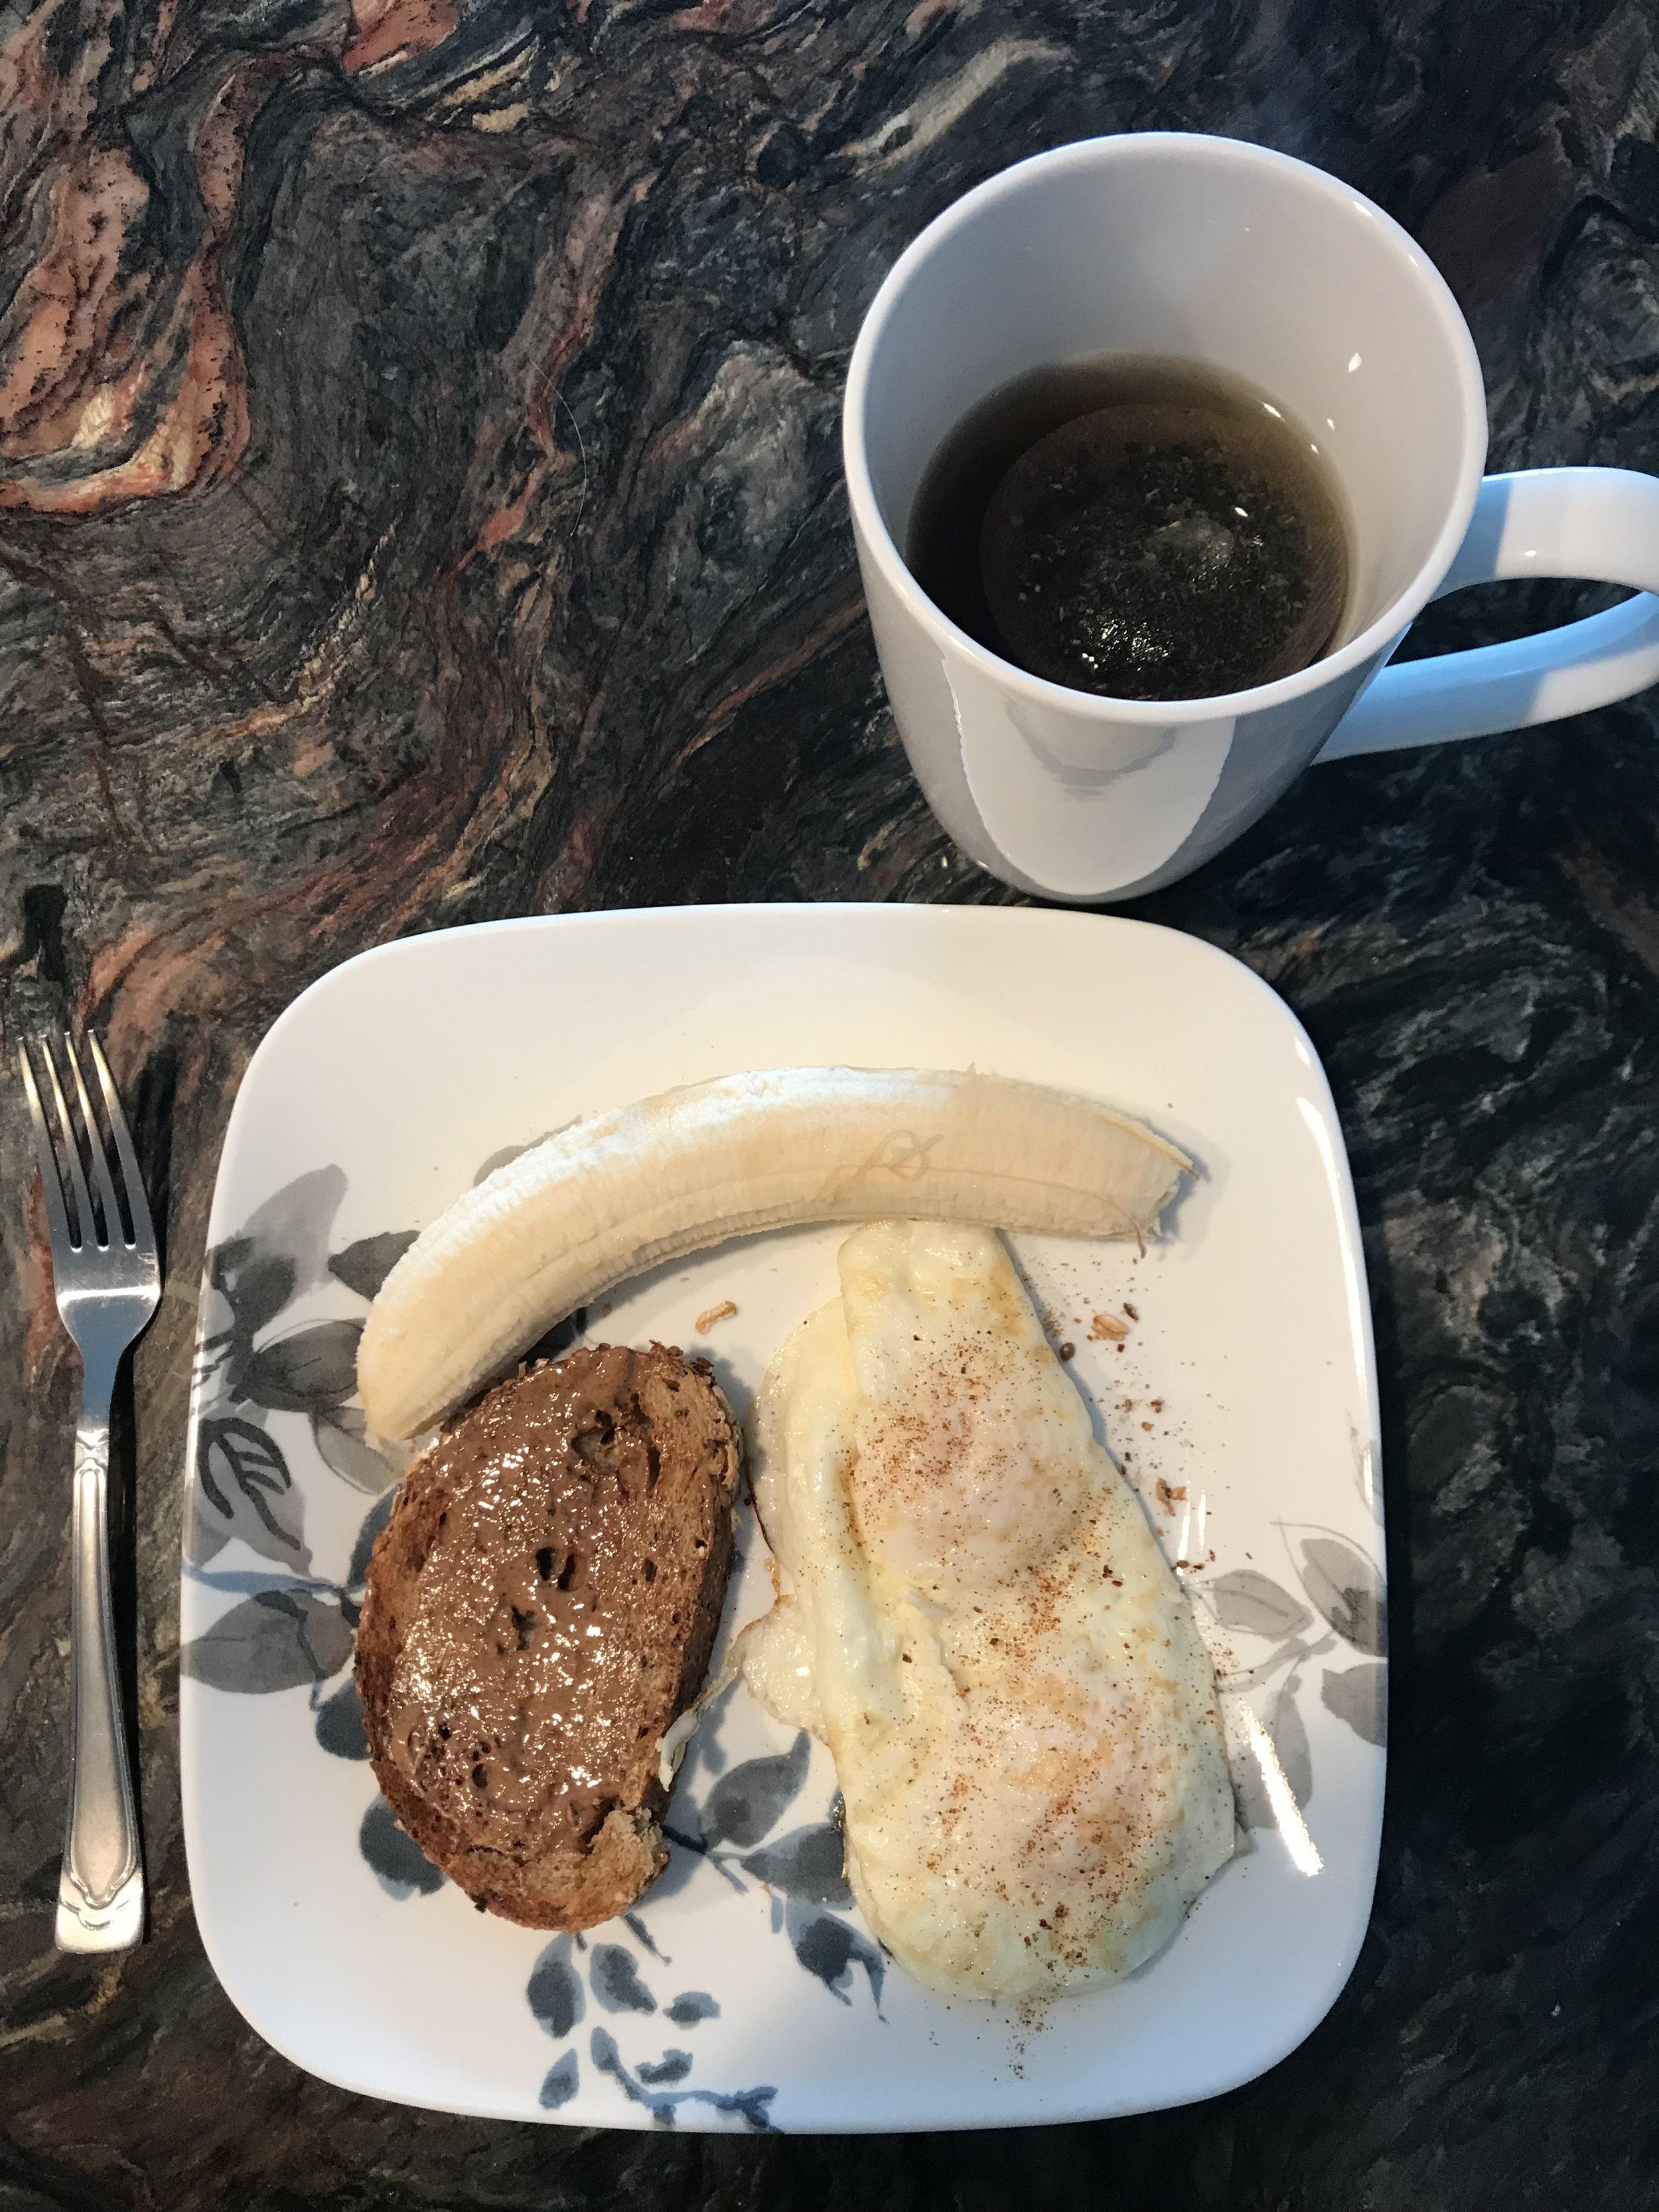 BREAKFAST - 2 fried Eggs, Banana, Almond Butter on Whole Grain Bread. Tea.